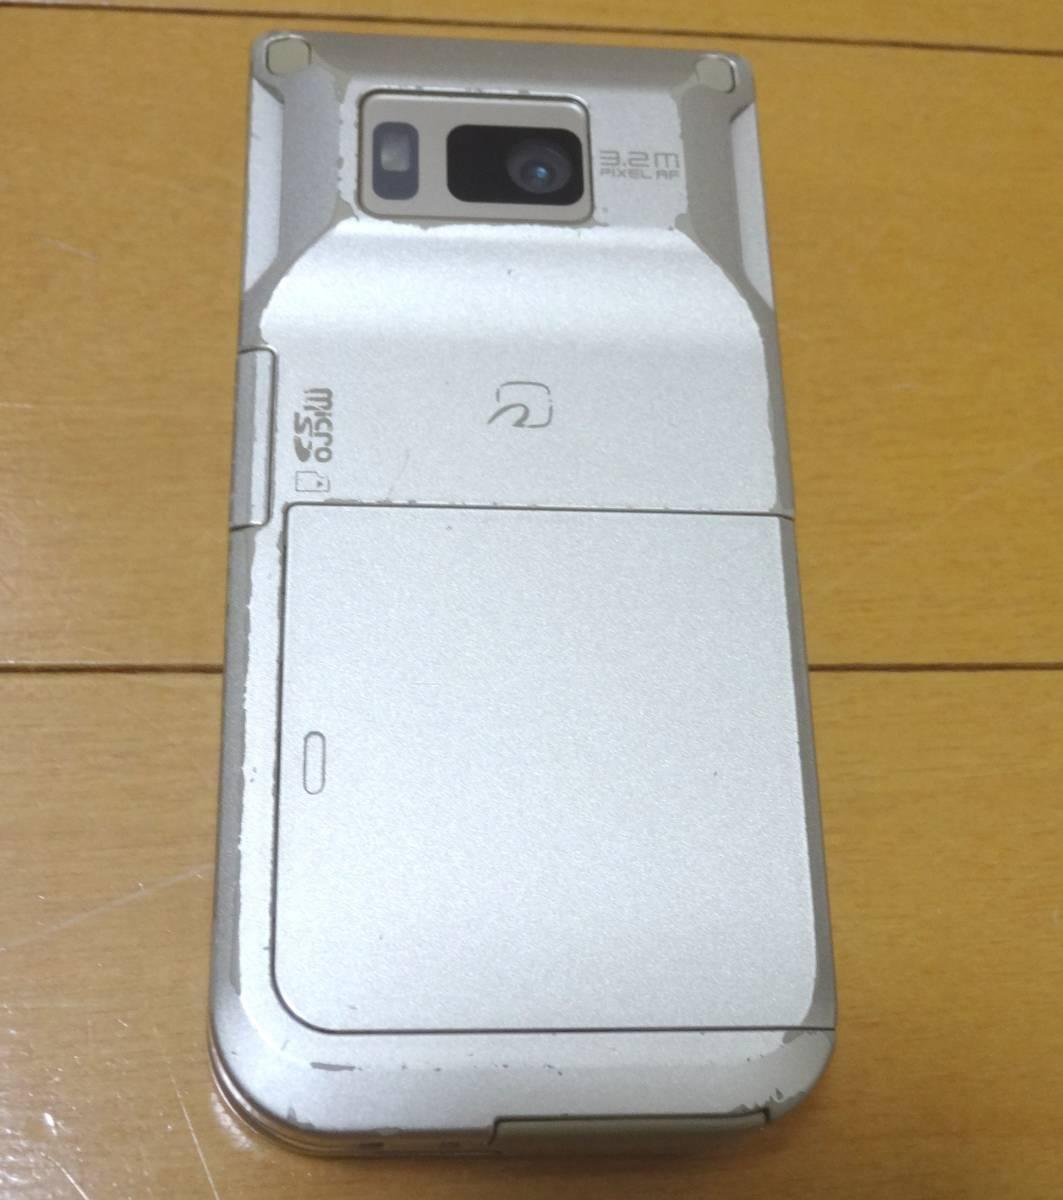 ガラケー本体 docomo P904i NTT ドコモ OMA 携帯電話 白ロム_画像5